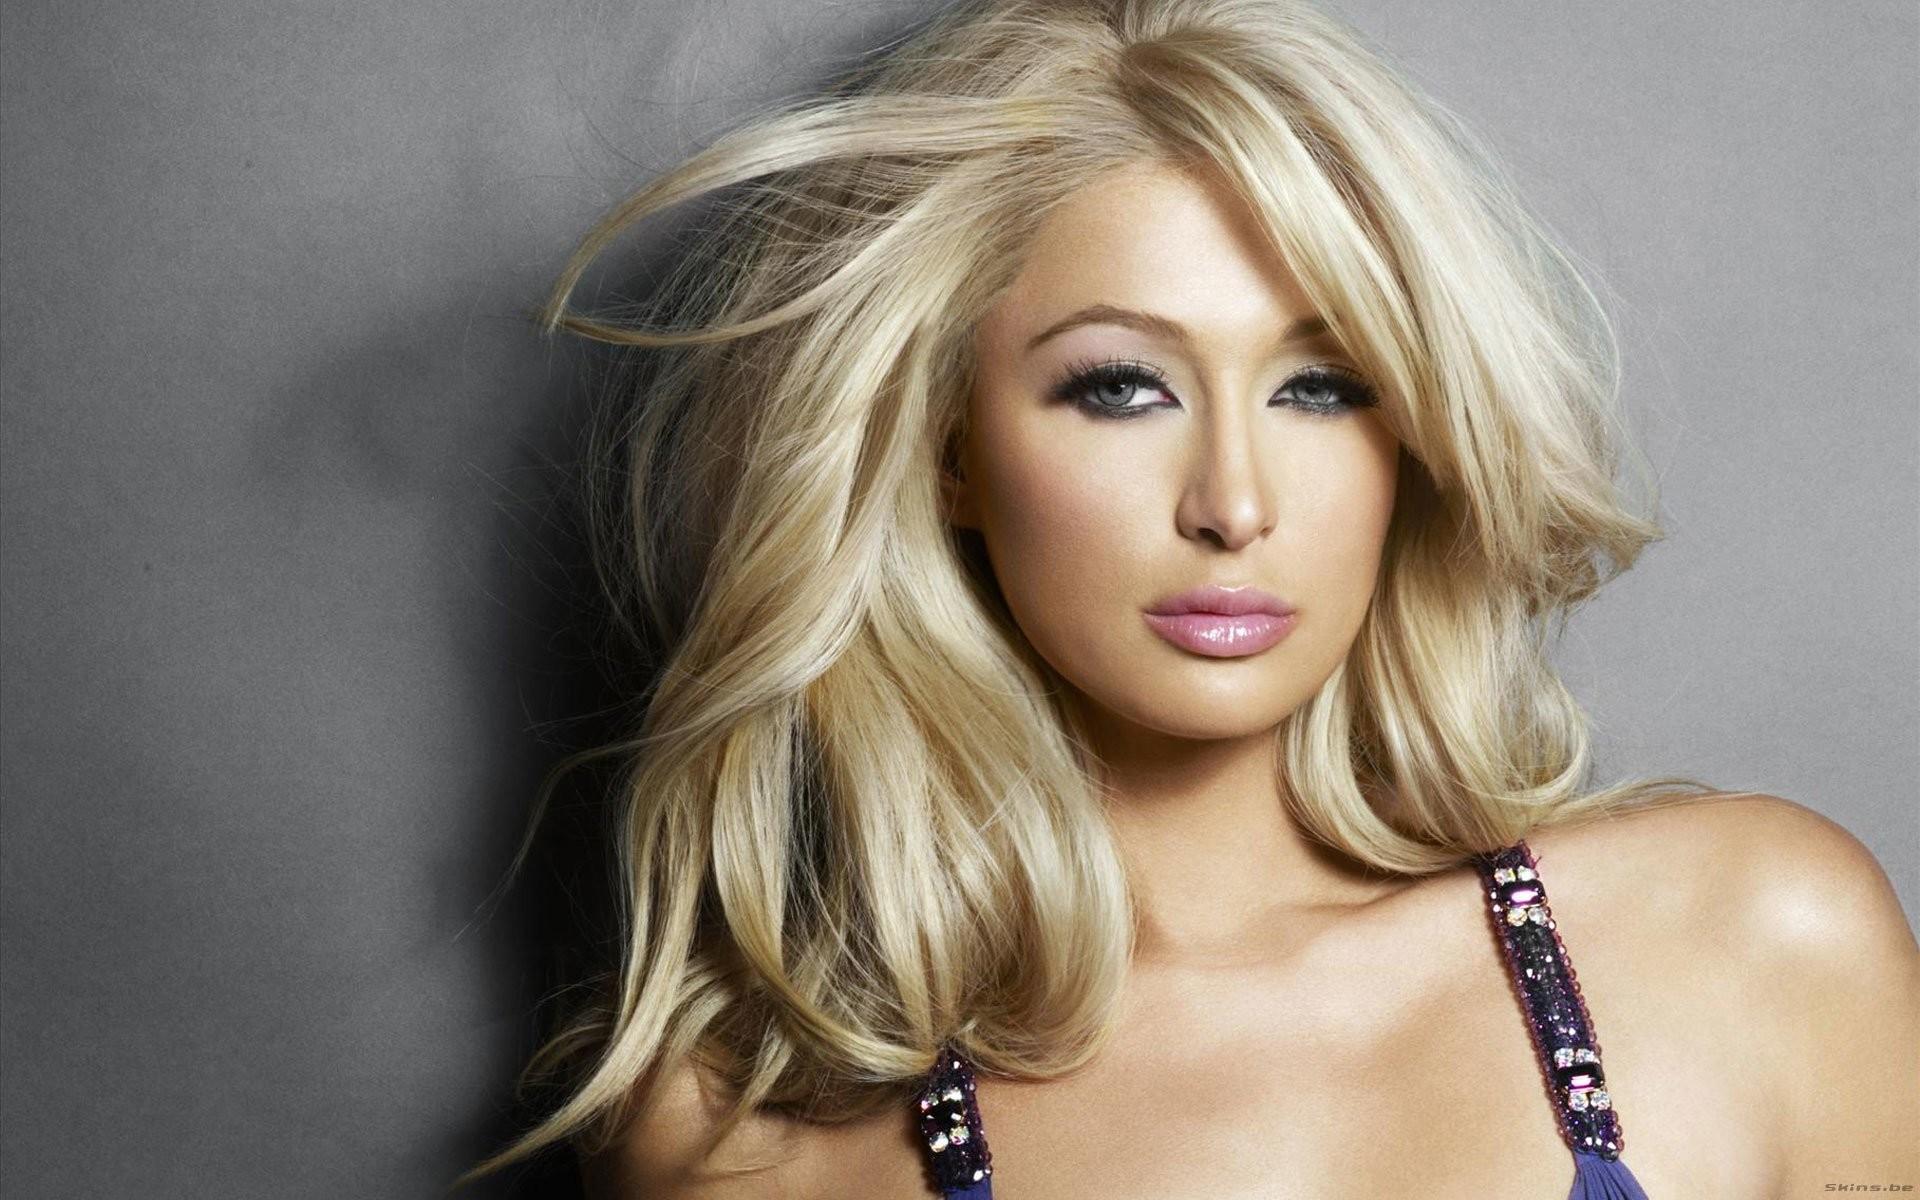 Paris Hilton Wallpapers 54 Pictures